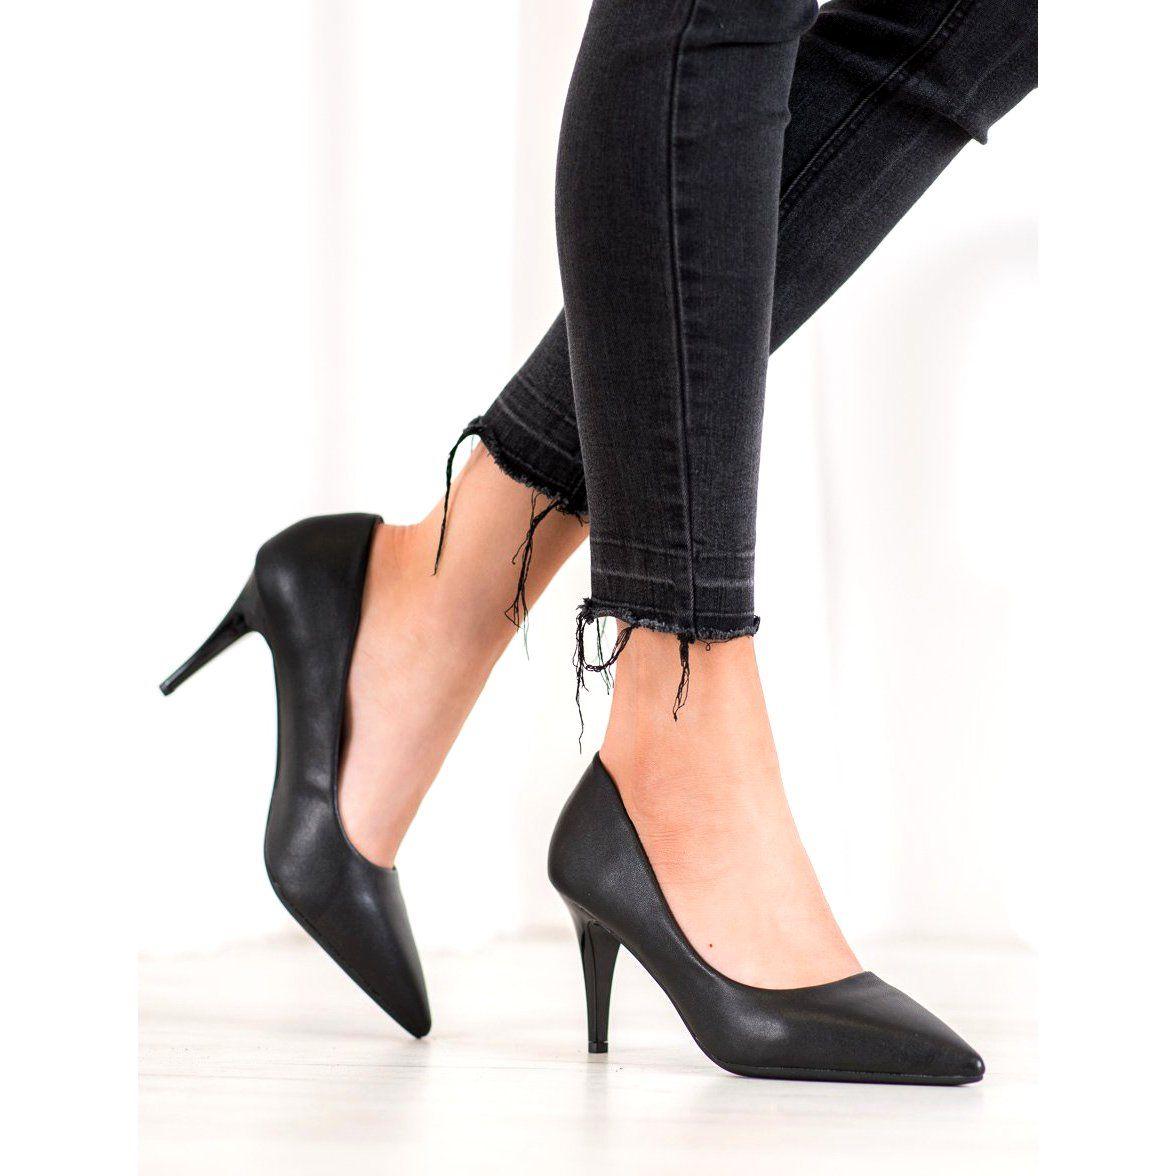 Shelovet Eleganckie Szpilki Z Eko Skory Czarne Heels Pumps Shoes